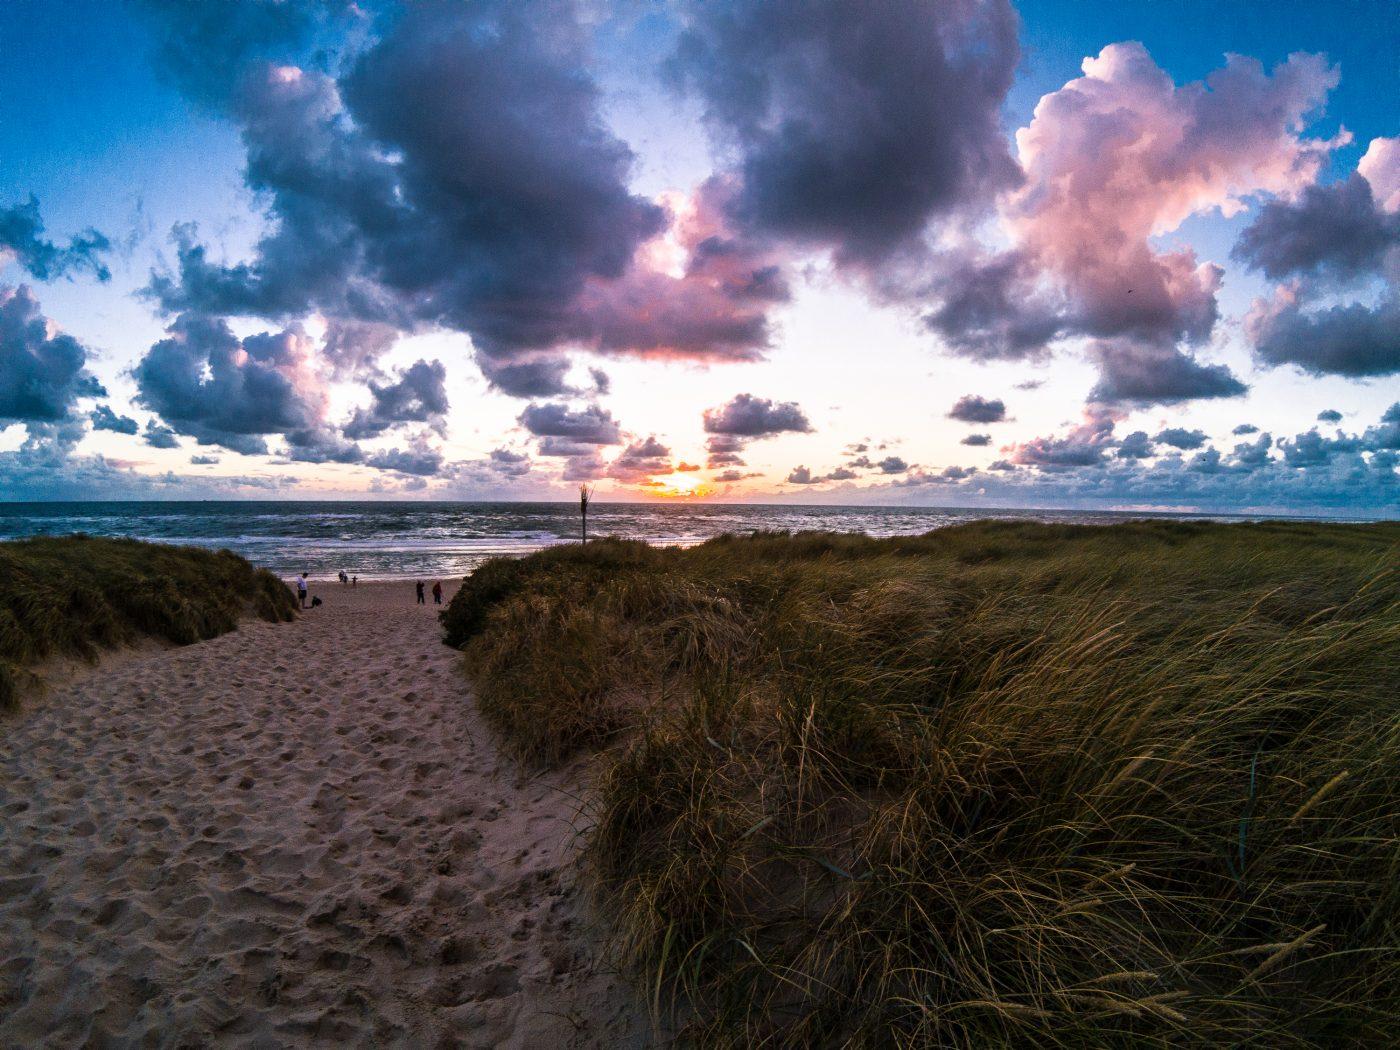 Sonnenuntergang am Strand in Rantum auf Sylt